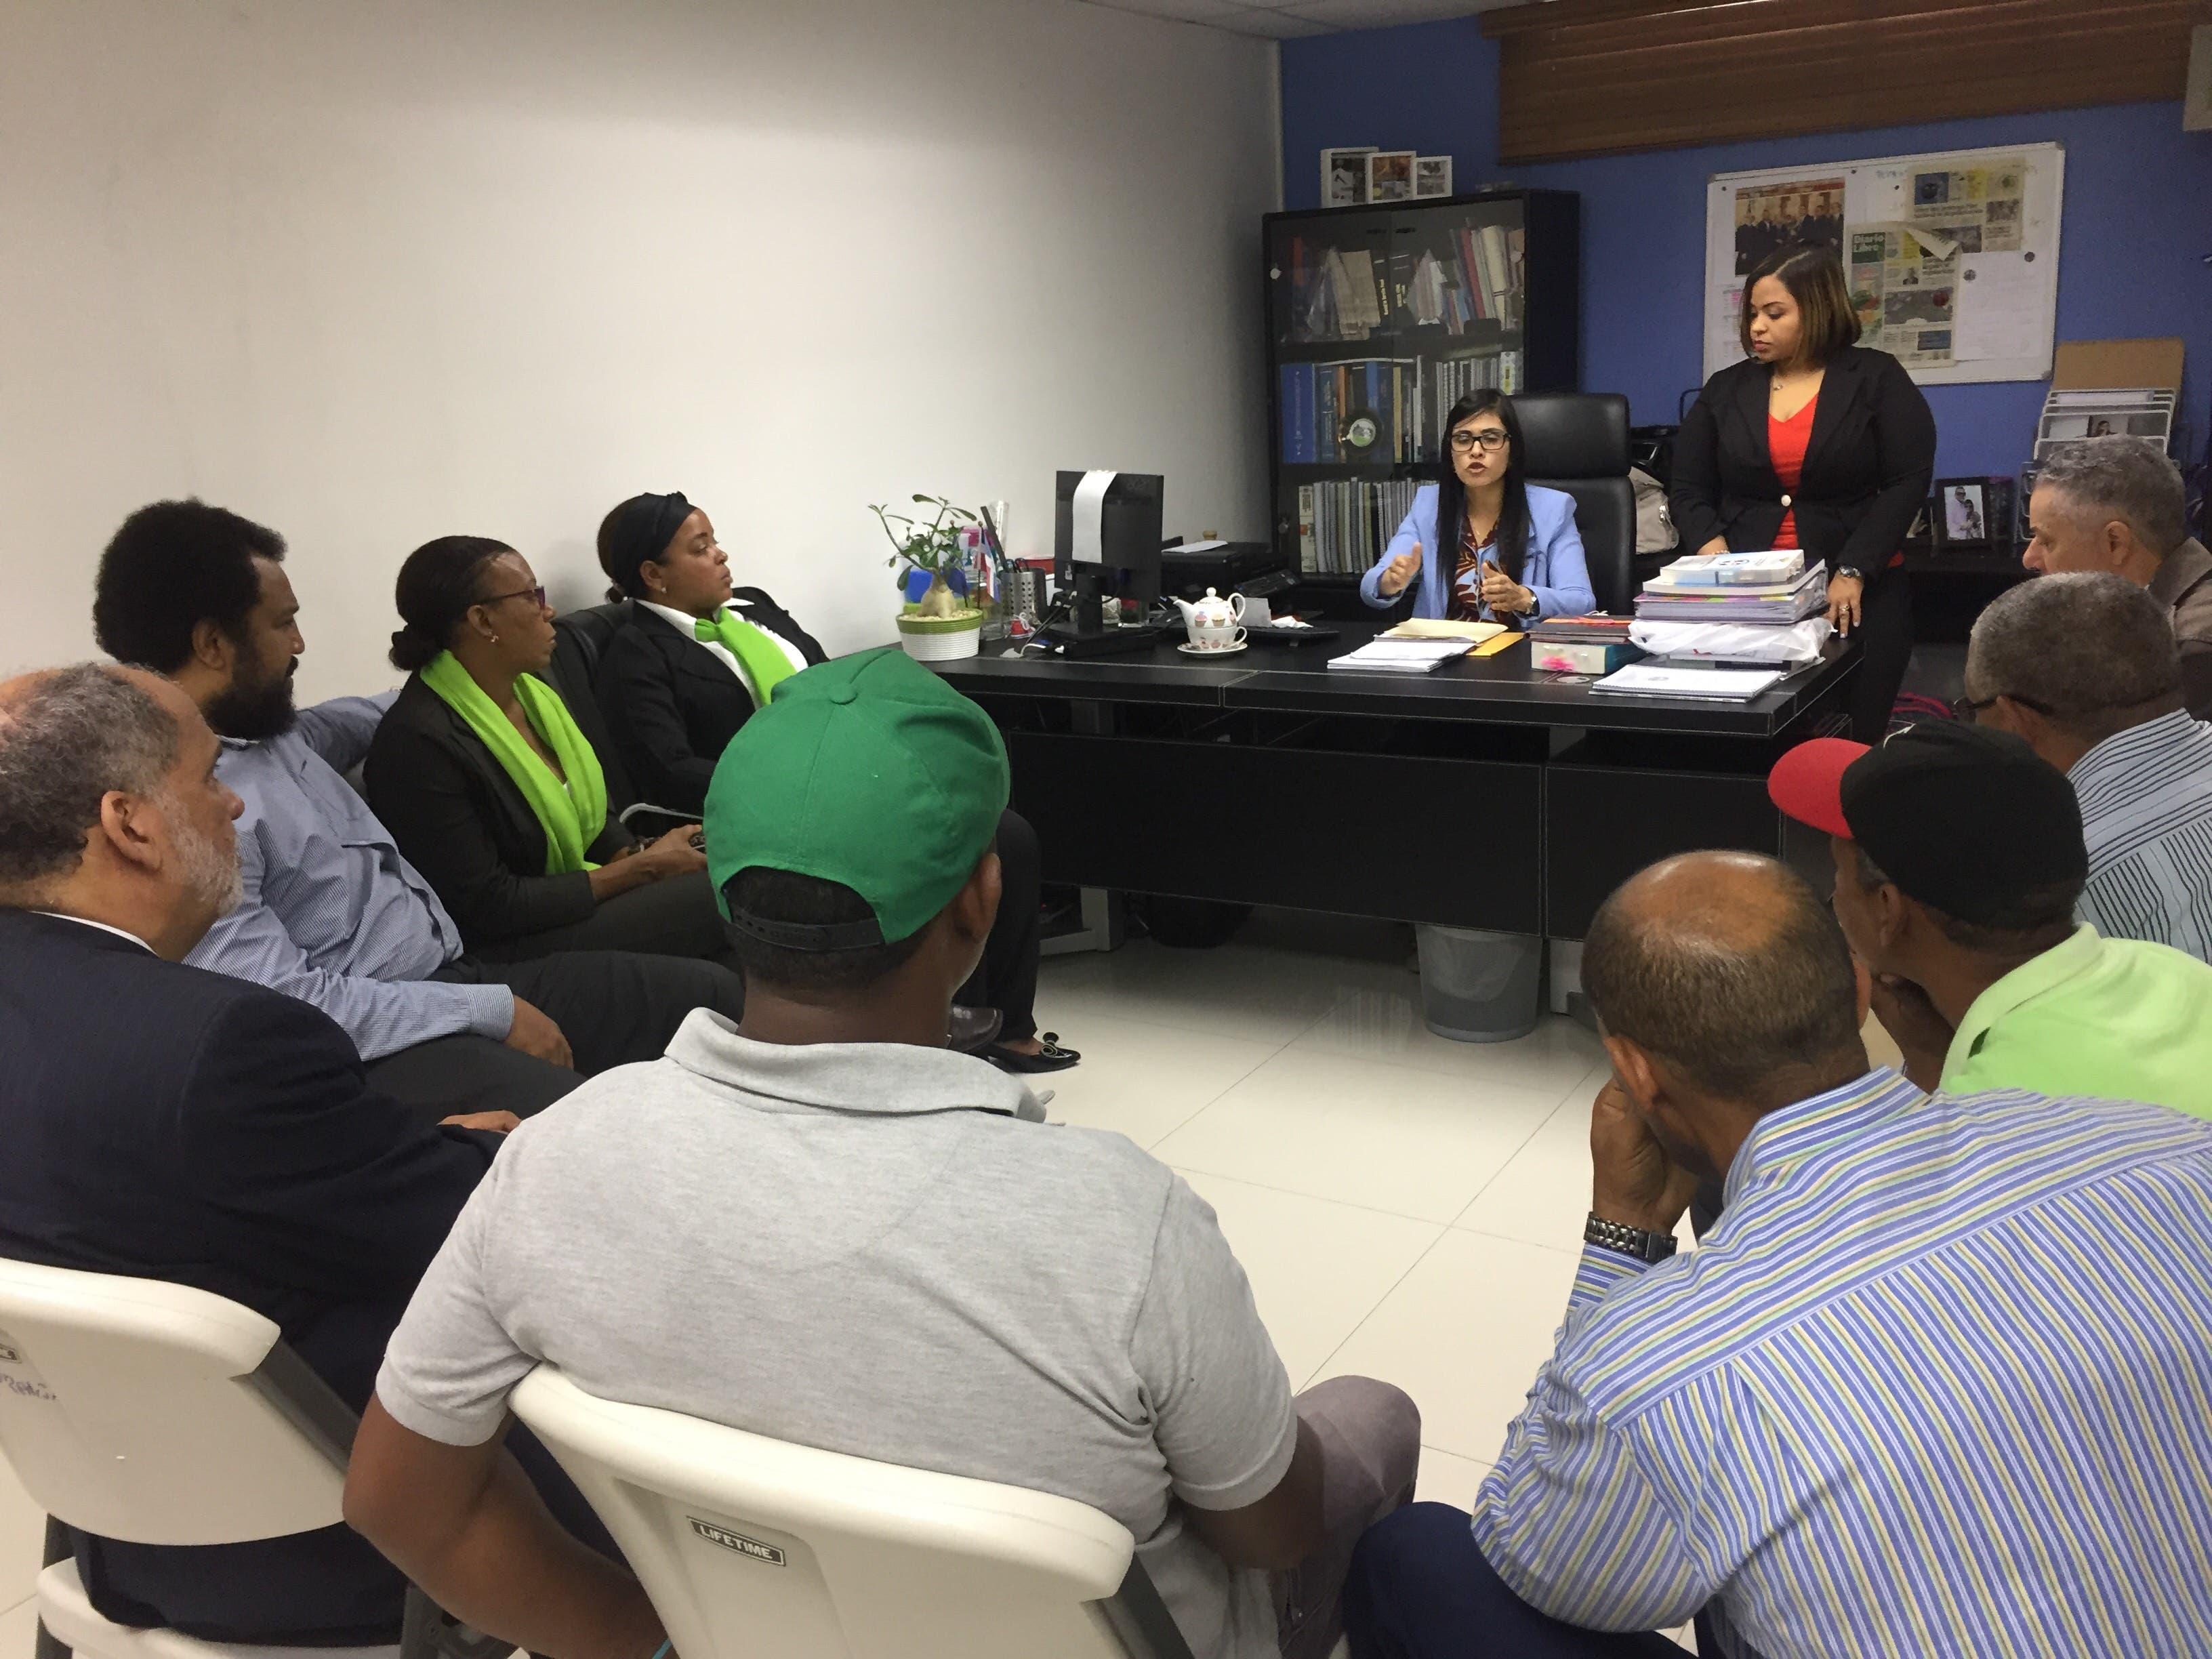 La procuradora titular de la provincia Santo Domingo, Olga Dina Llaverias, recibió la denuncia.